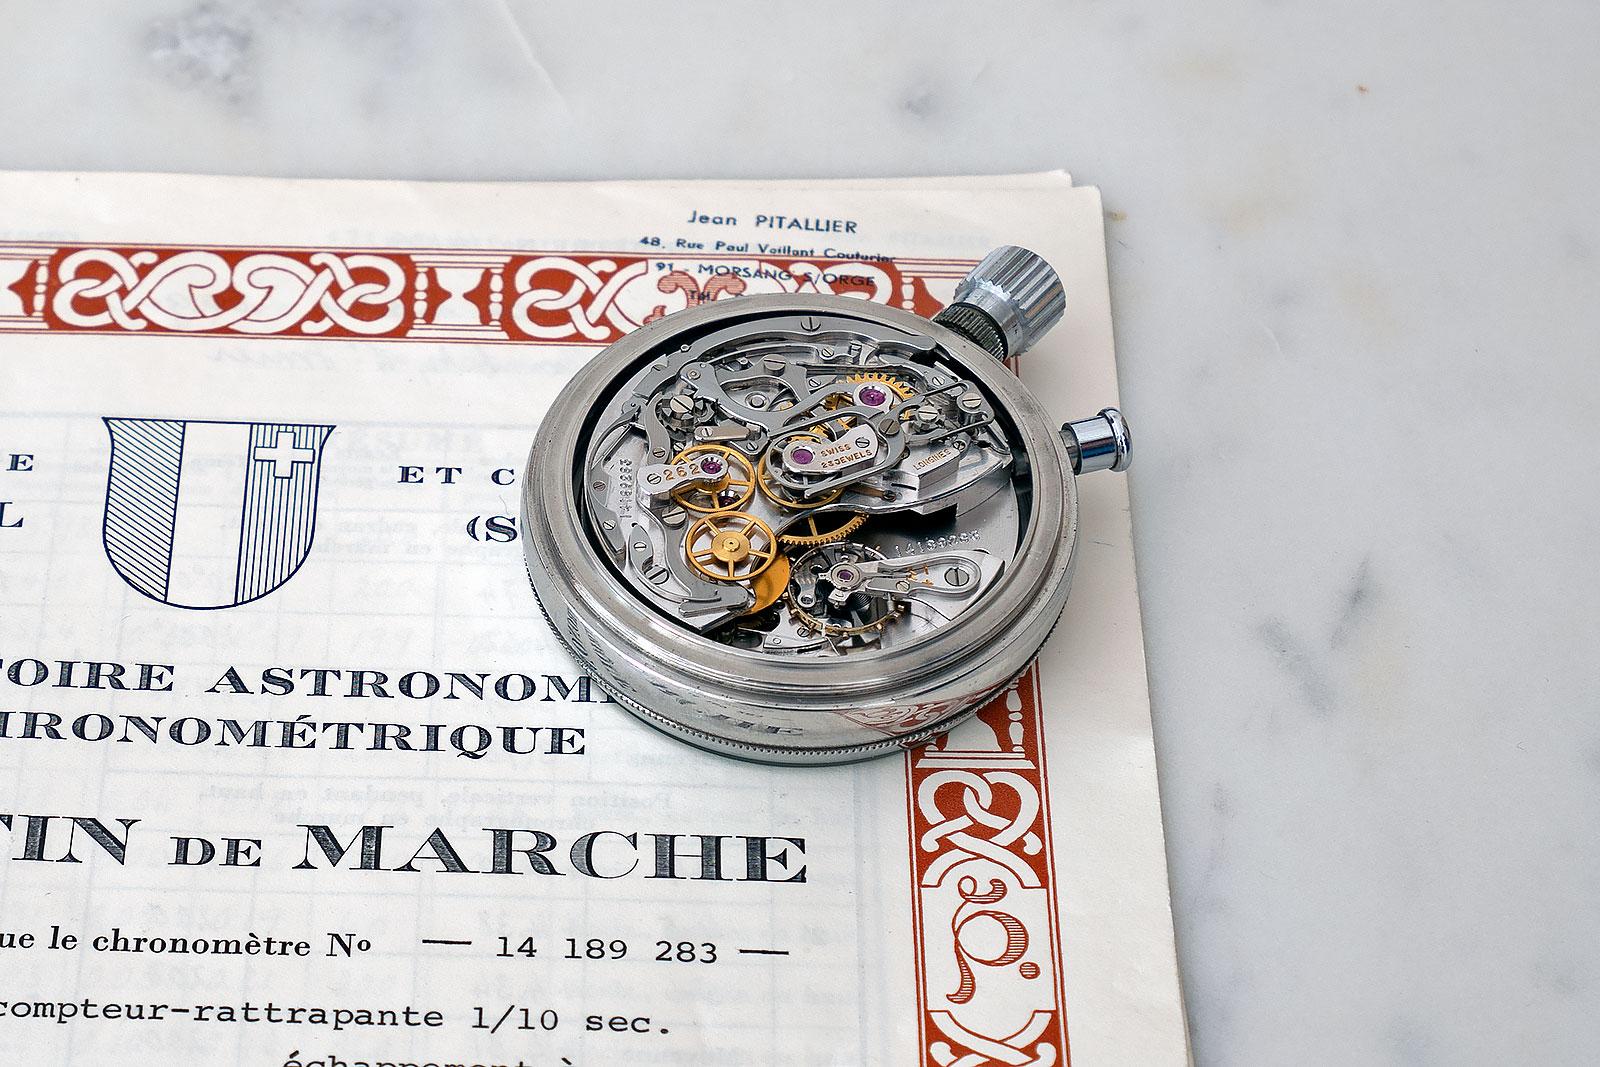 Longines chronograph tour de france